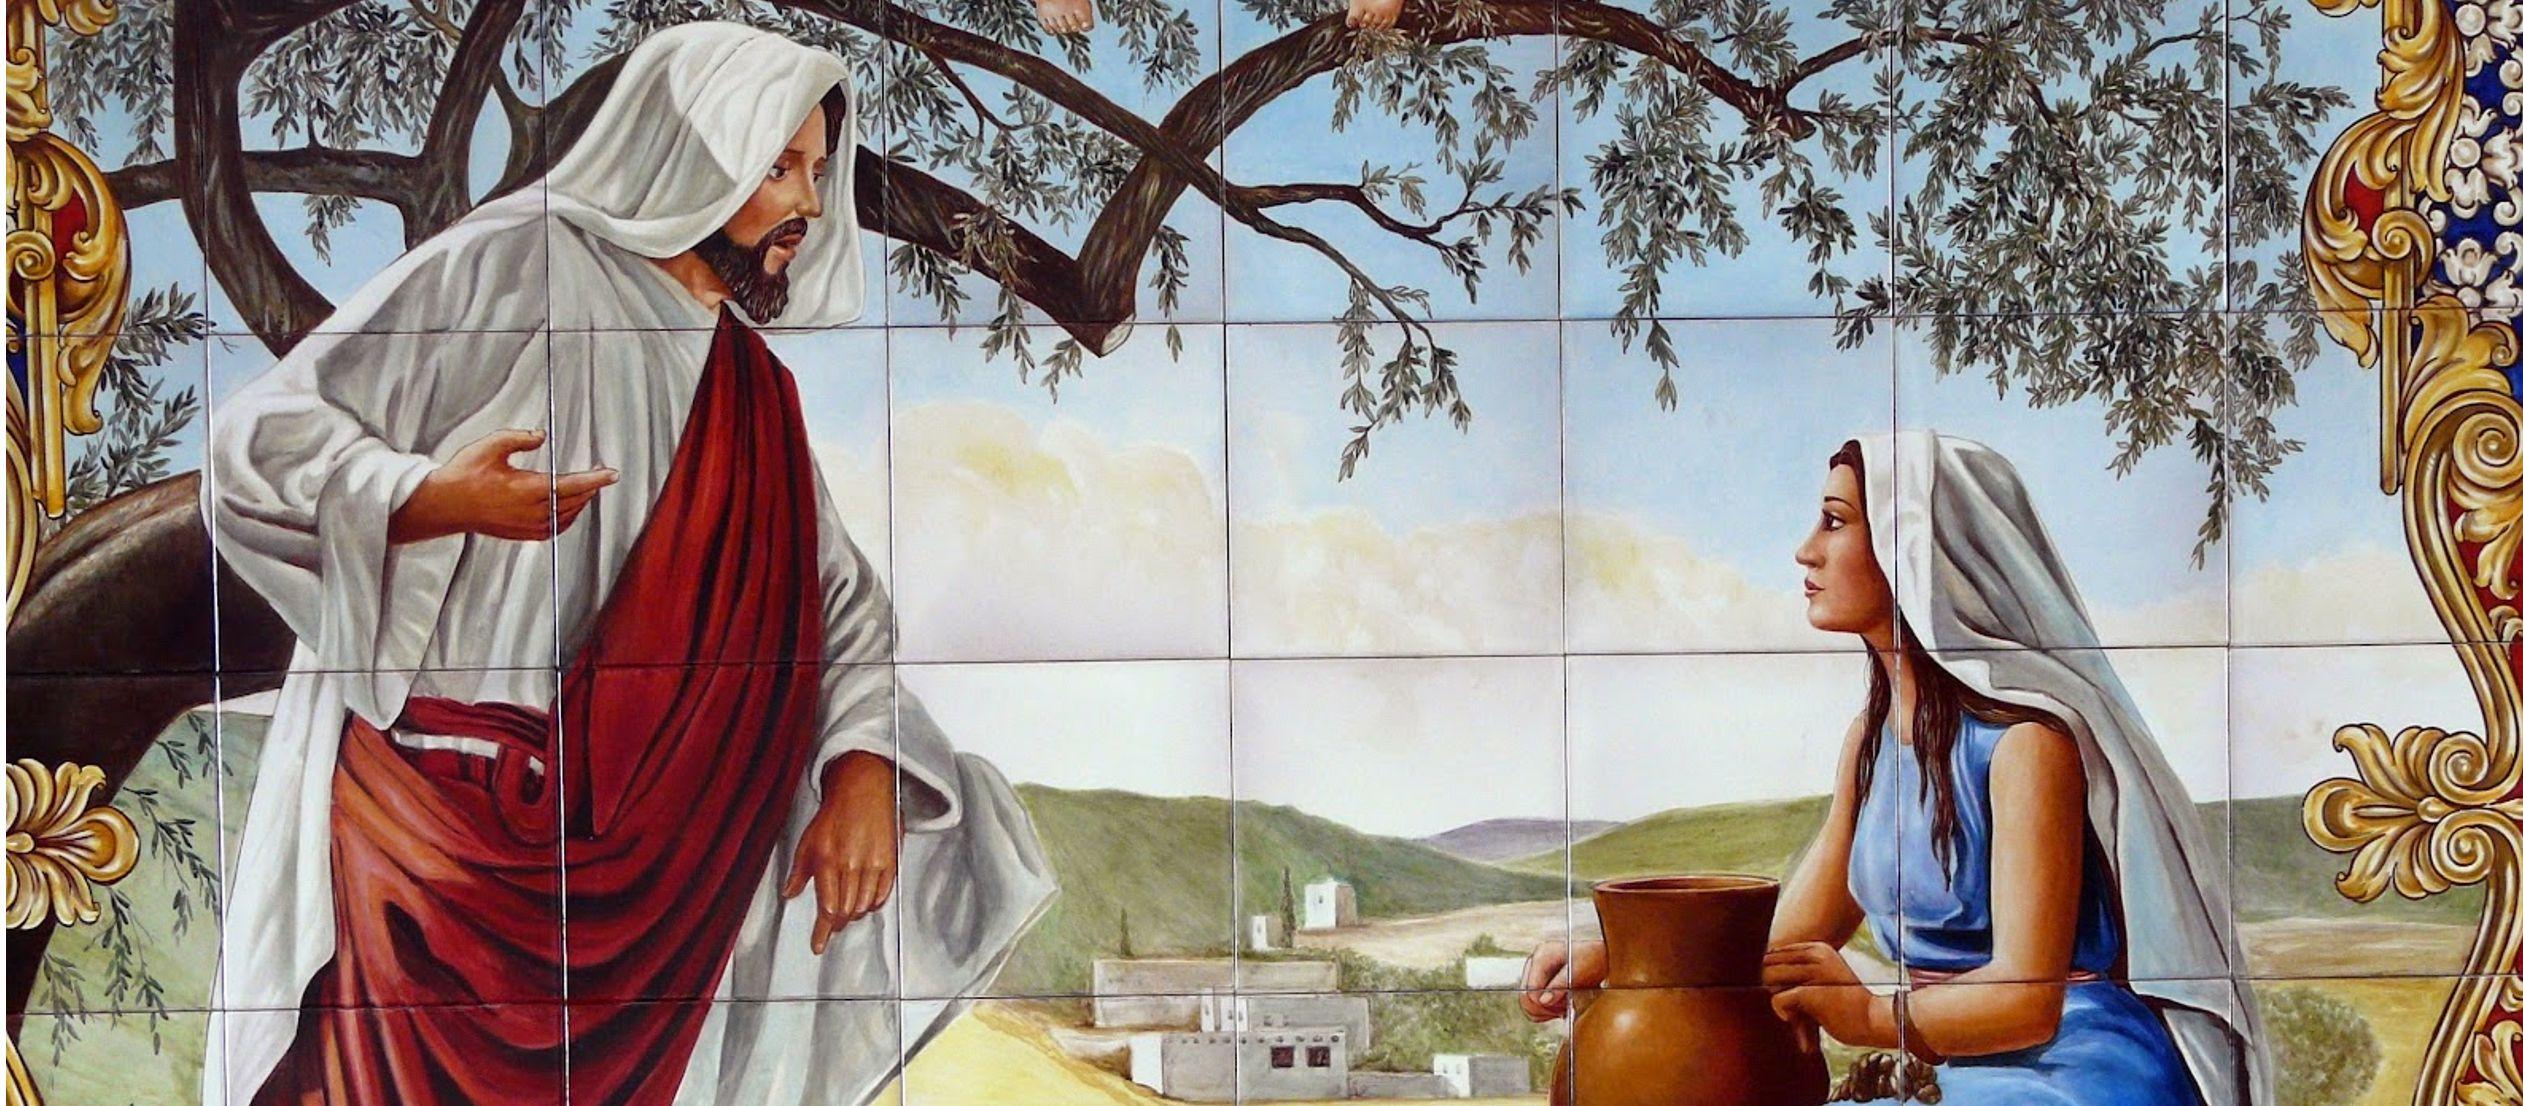 Y Nicodemo avanzó de tal modo en la virtud que se tornó un santo. Su memoria es...